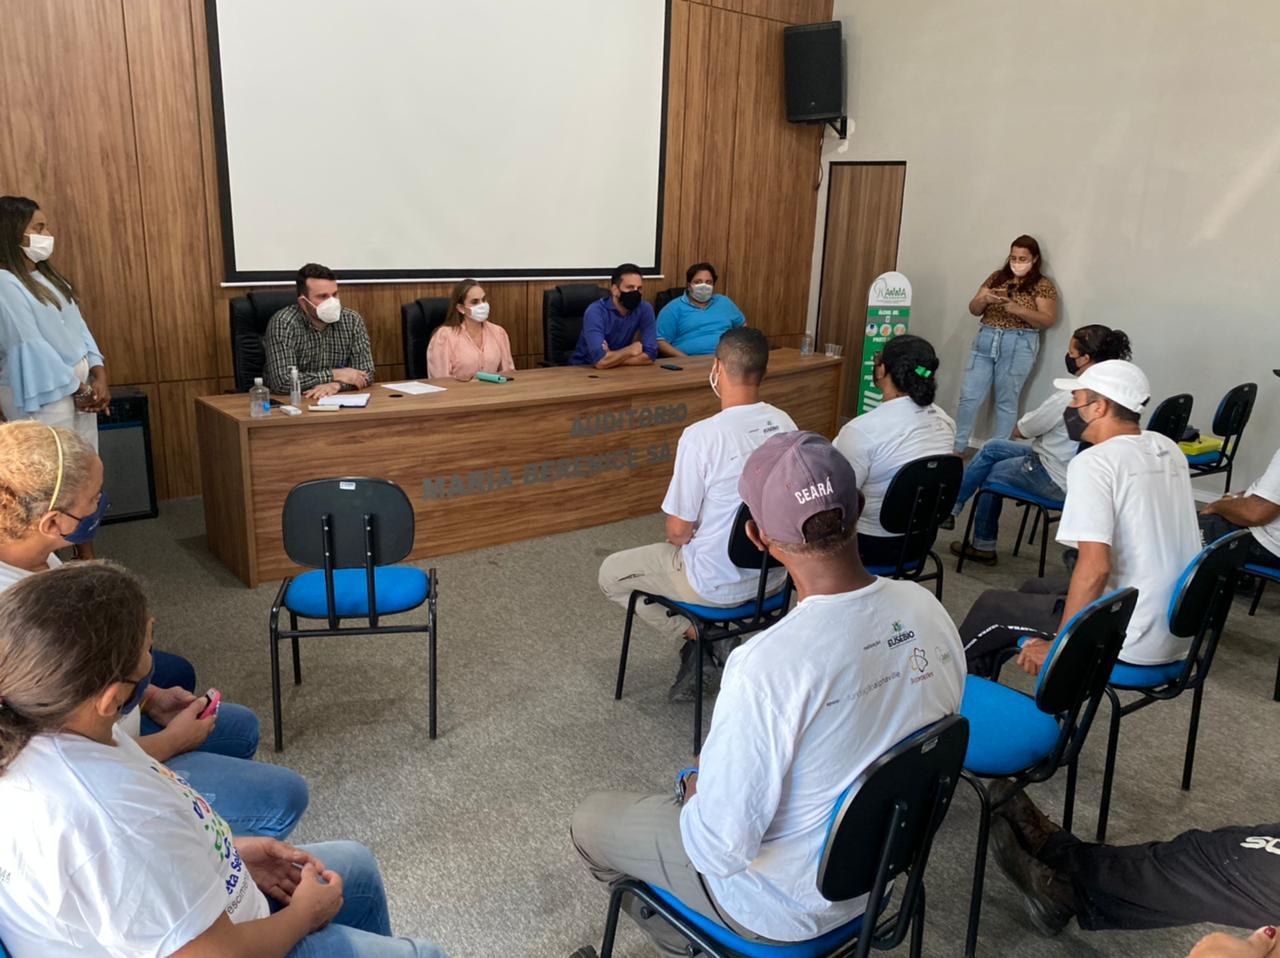 AMMA e Controladoria realizam normatização da parceria com a Associação de Catadores de coleta seletiva do Eusébio